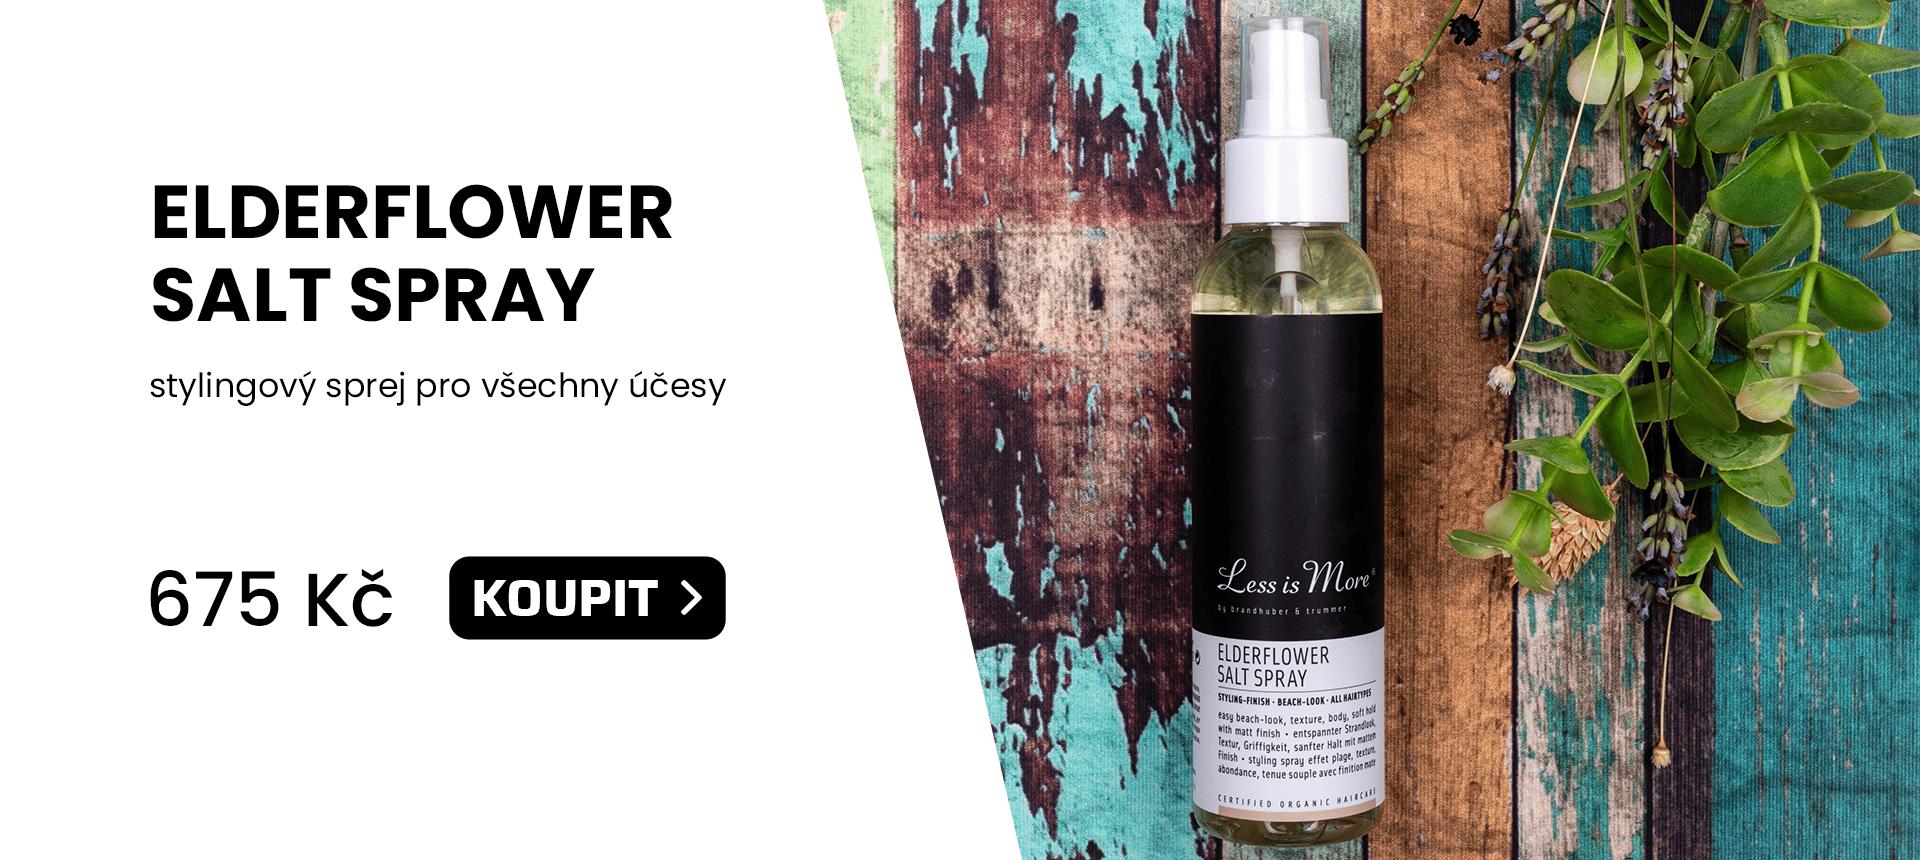 Less is More - Elderflower Salt Spray